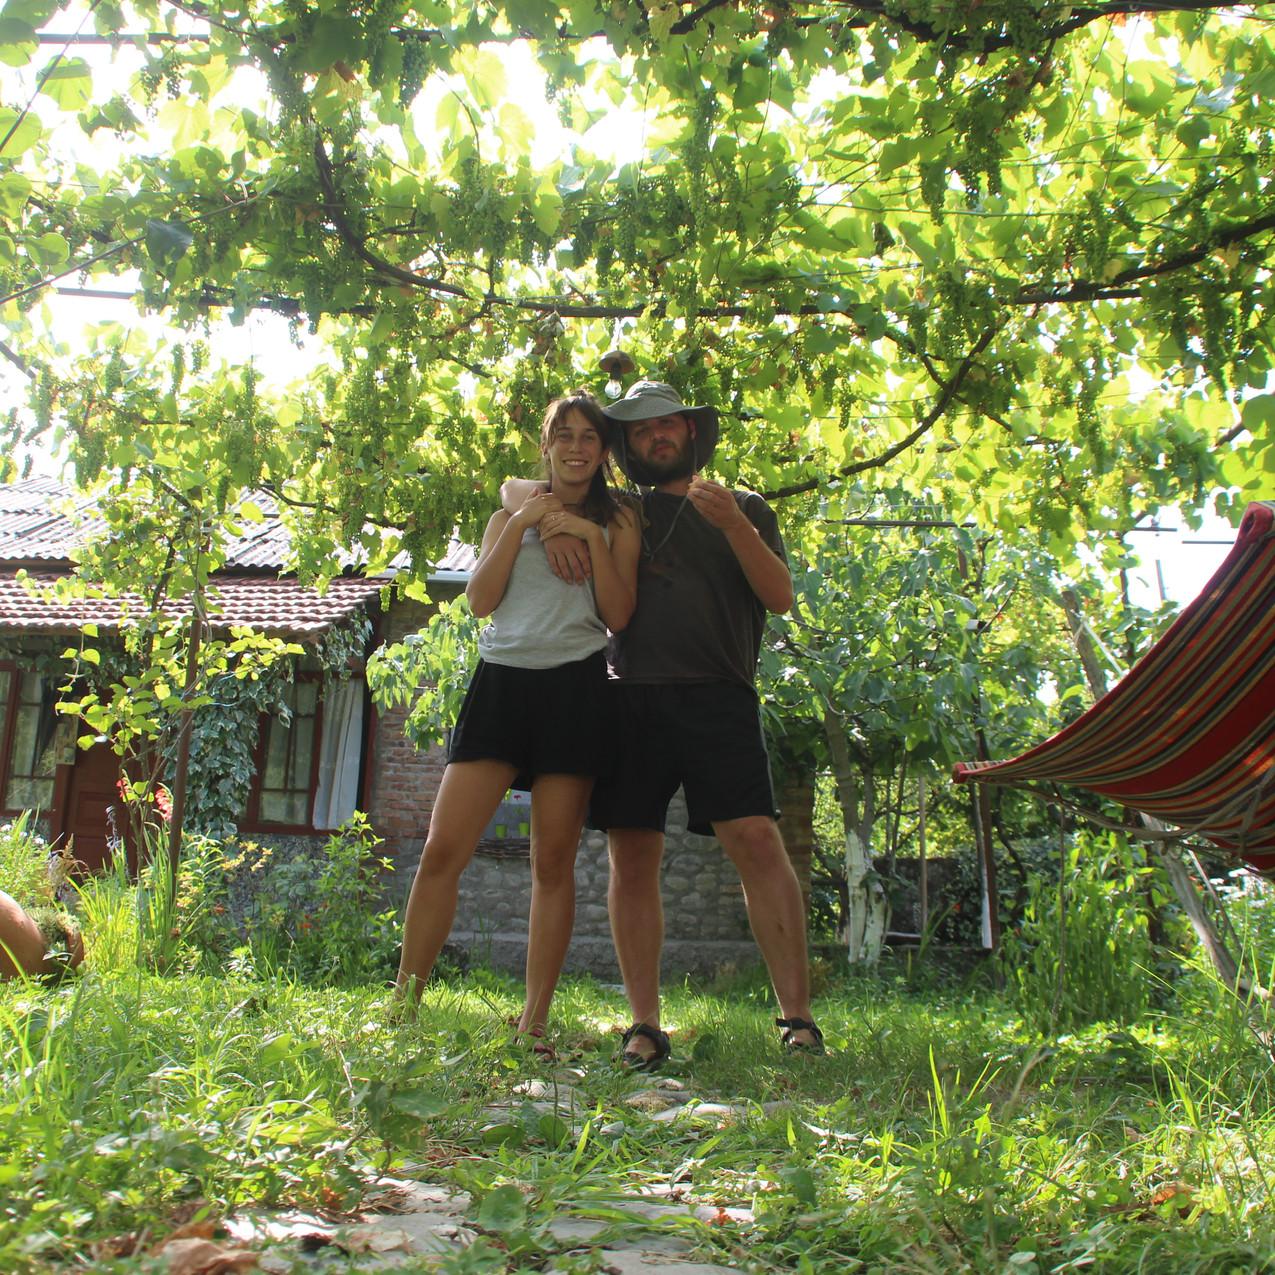 בגינה גאורגית טיפוסית בלגודחי